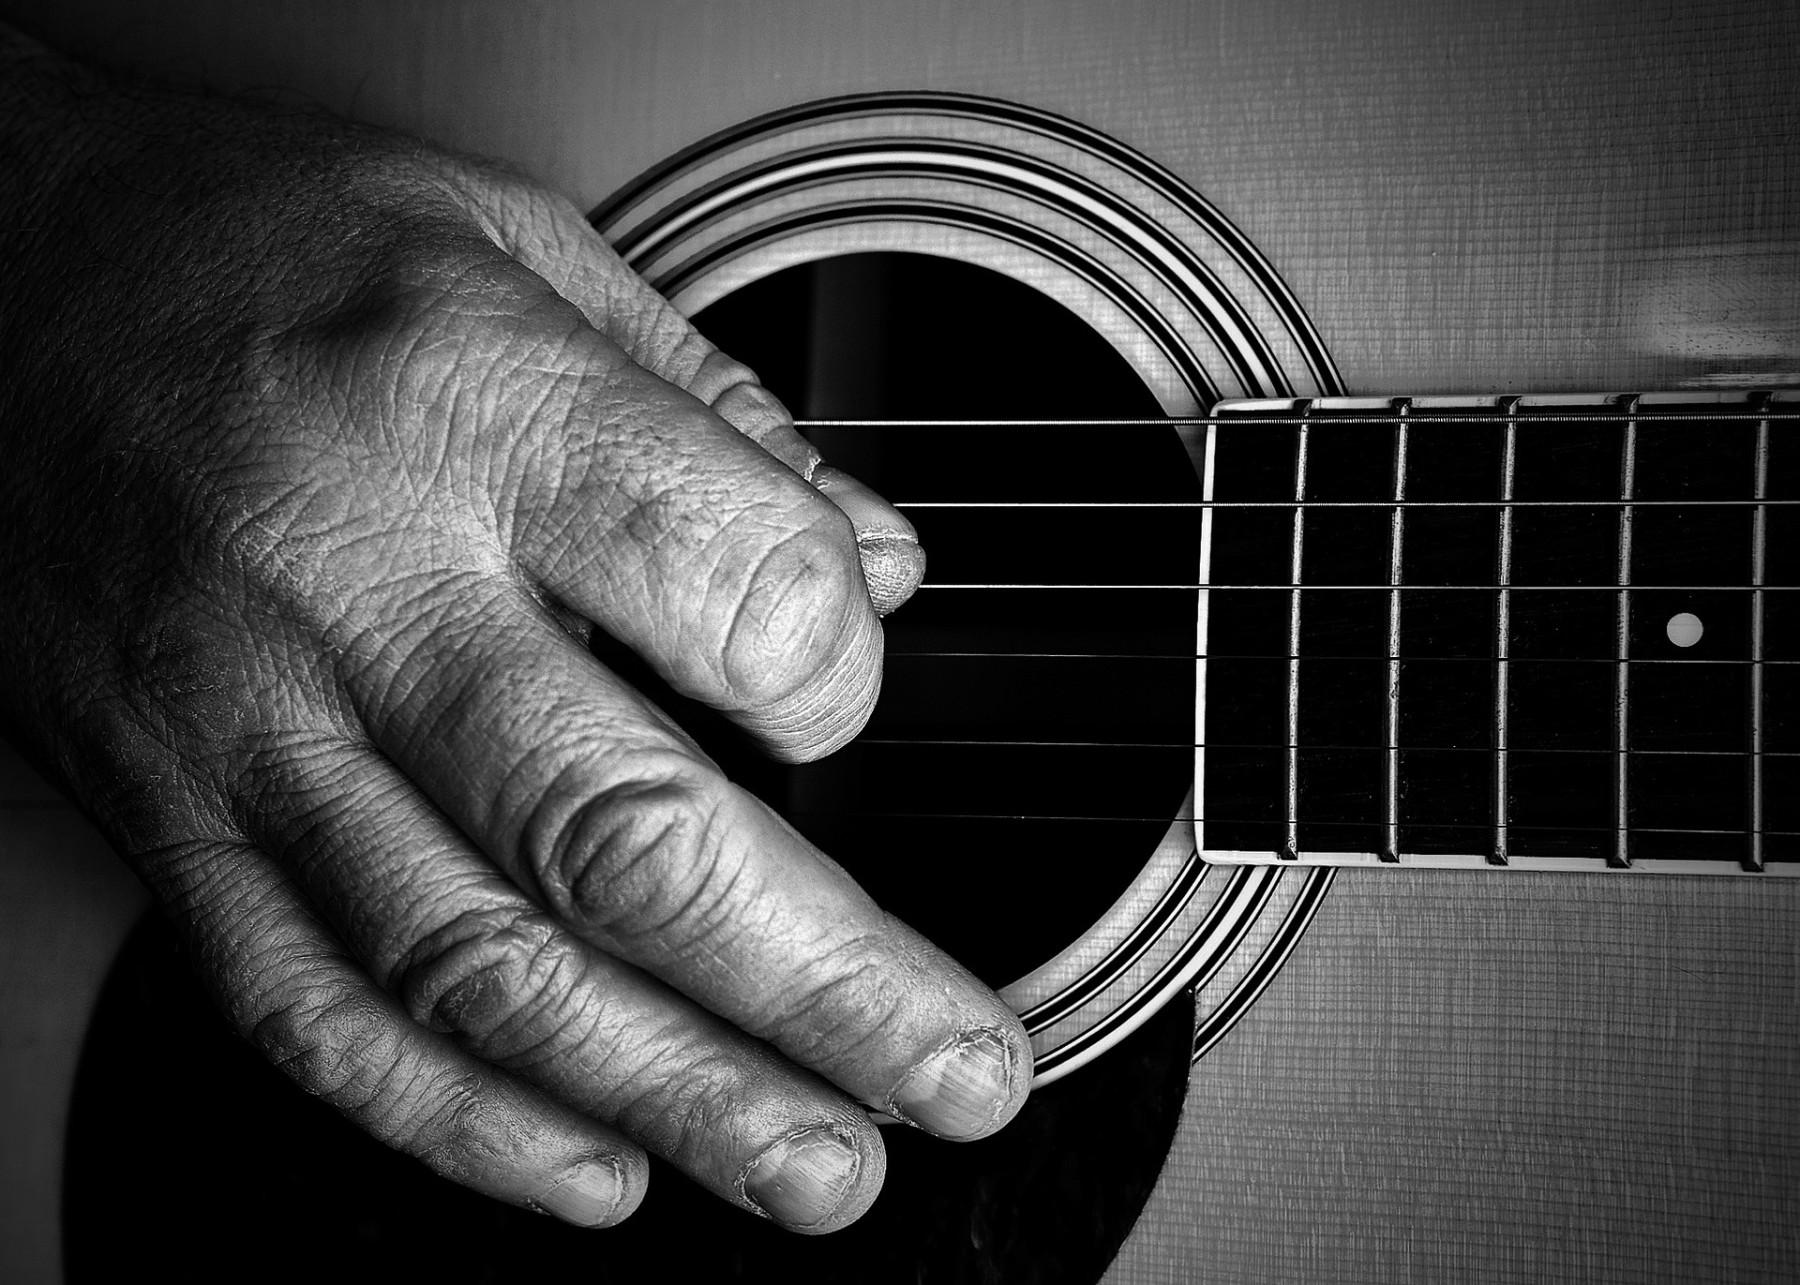 guitar-806255_1920